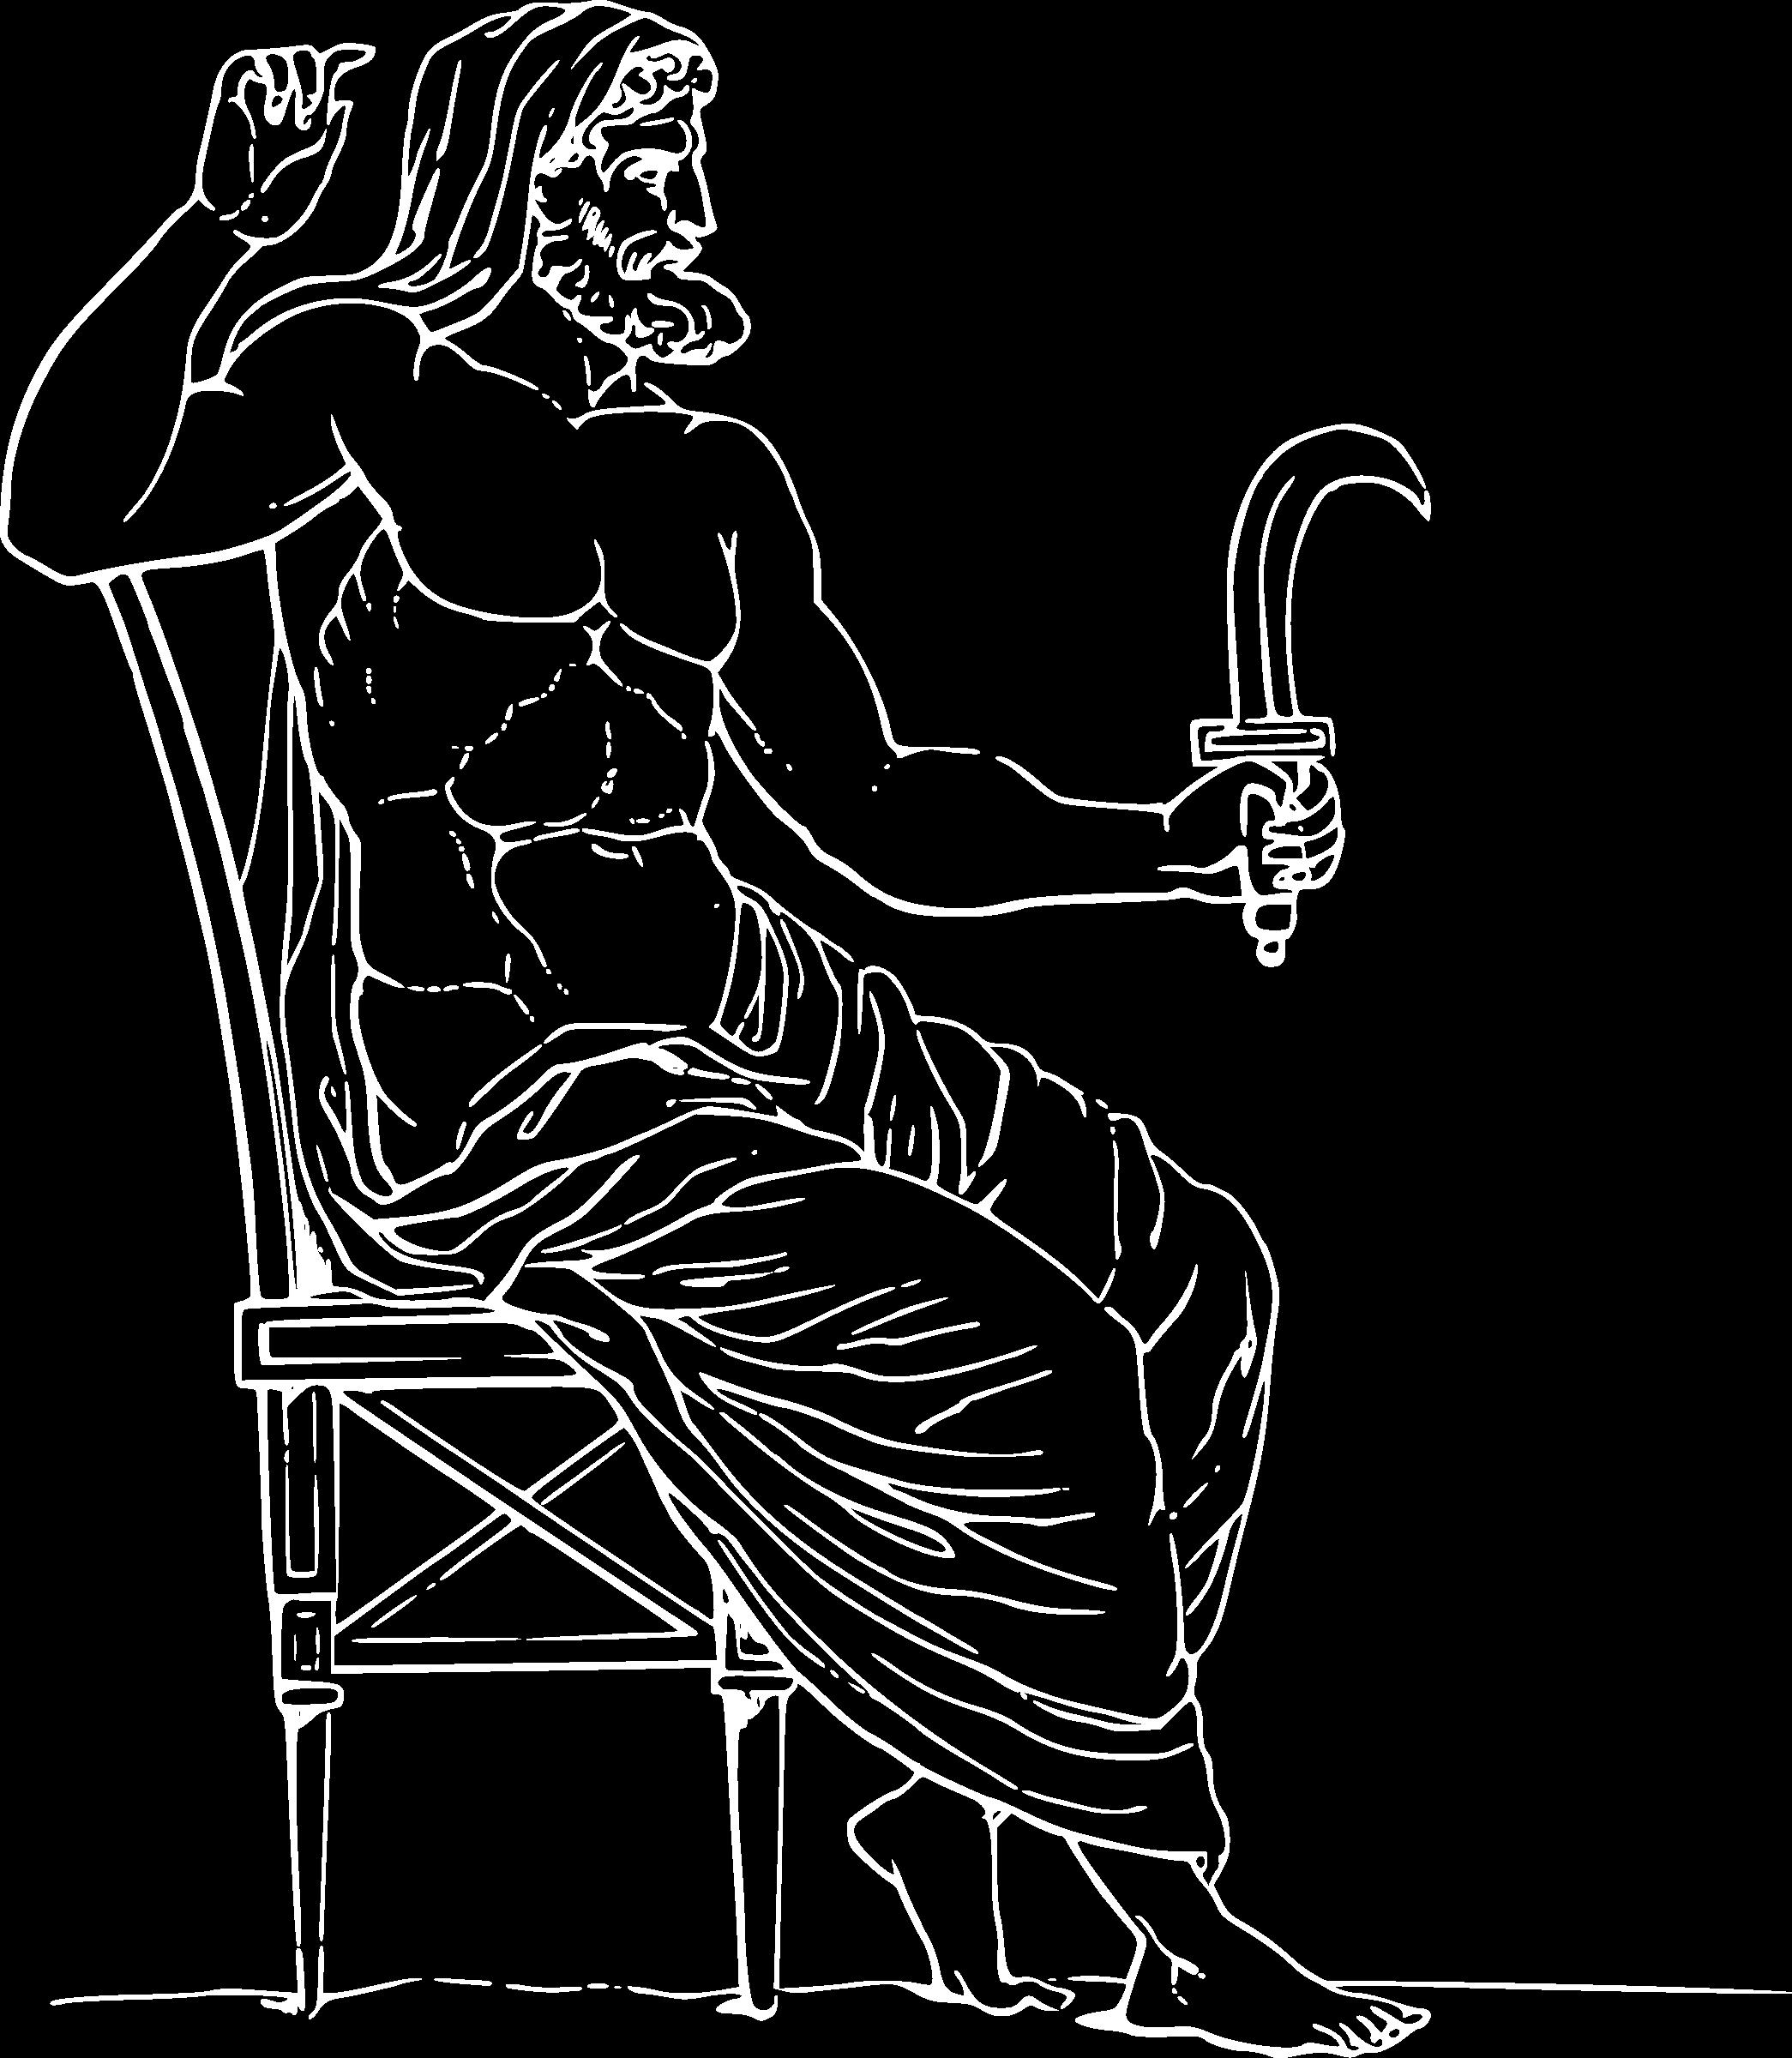 Kronos (mythology)